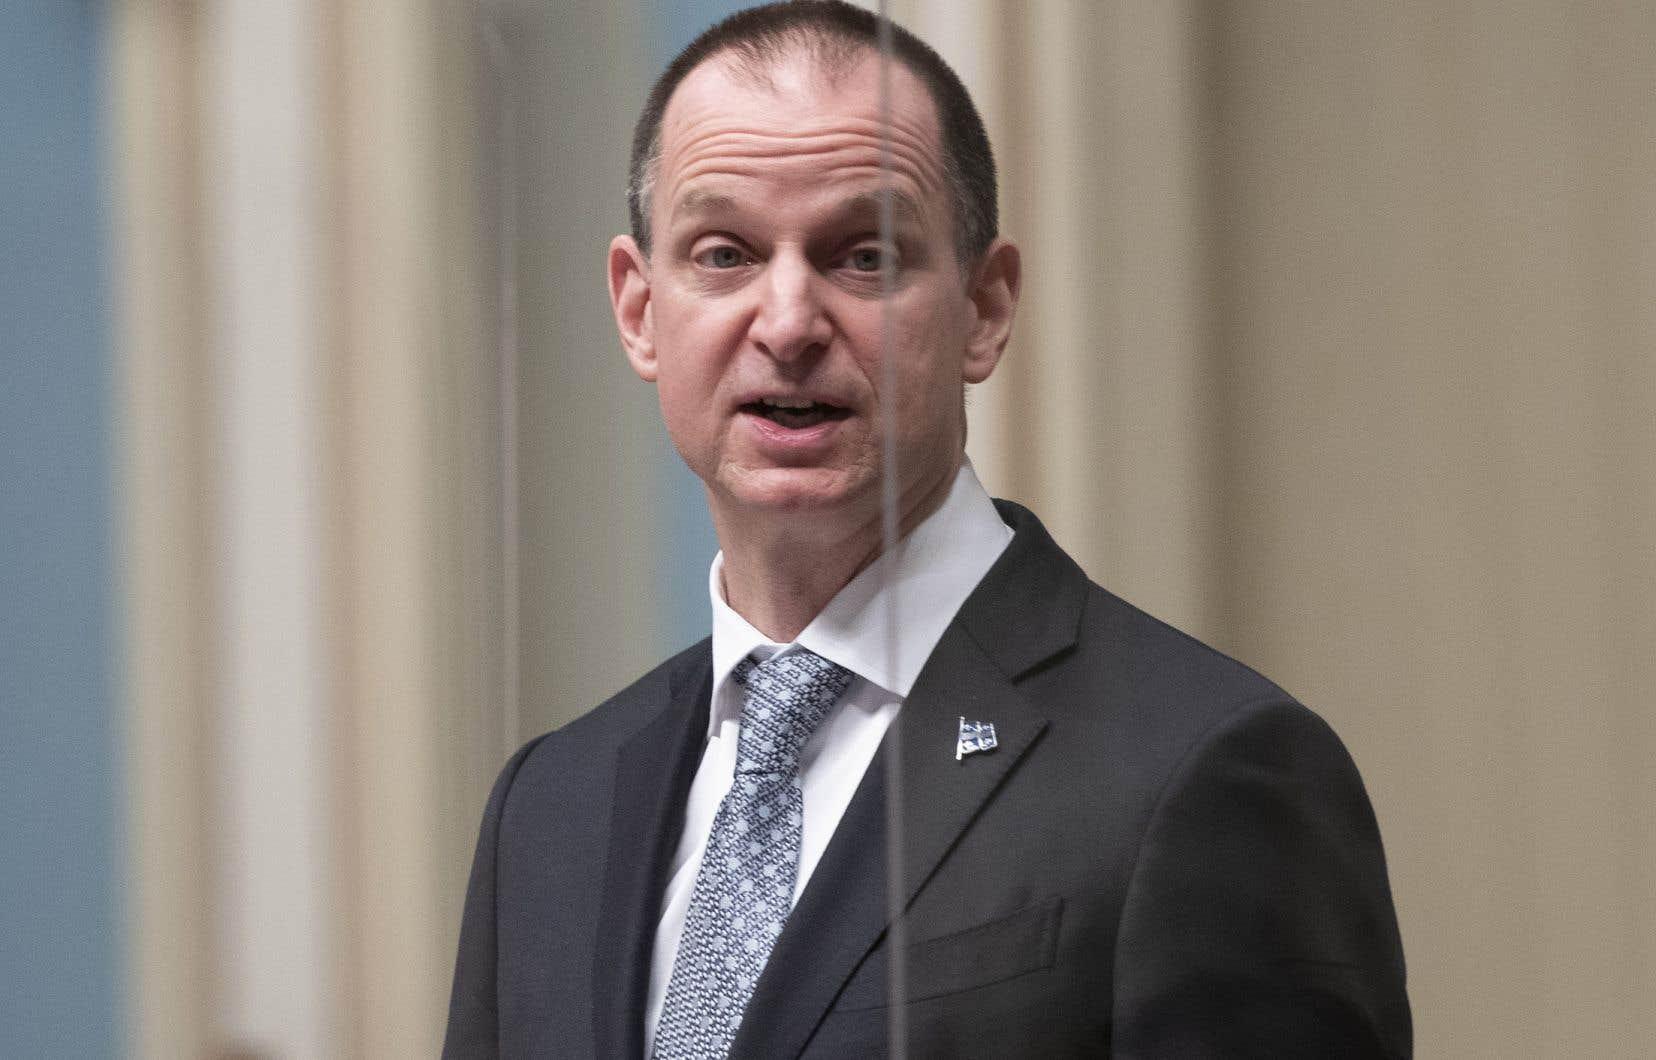 Au lendemain du dépôt de son budget, le ministre des Finances, Eric Girard, a réfuté les critiques de «budget des années1990» et de vieille économie basée sur les secteurs traditionnels qu'ont formulées les partis d'opposition.